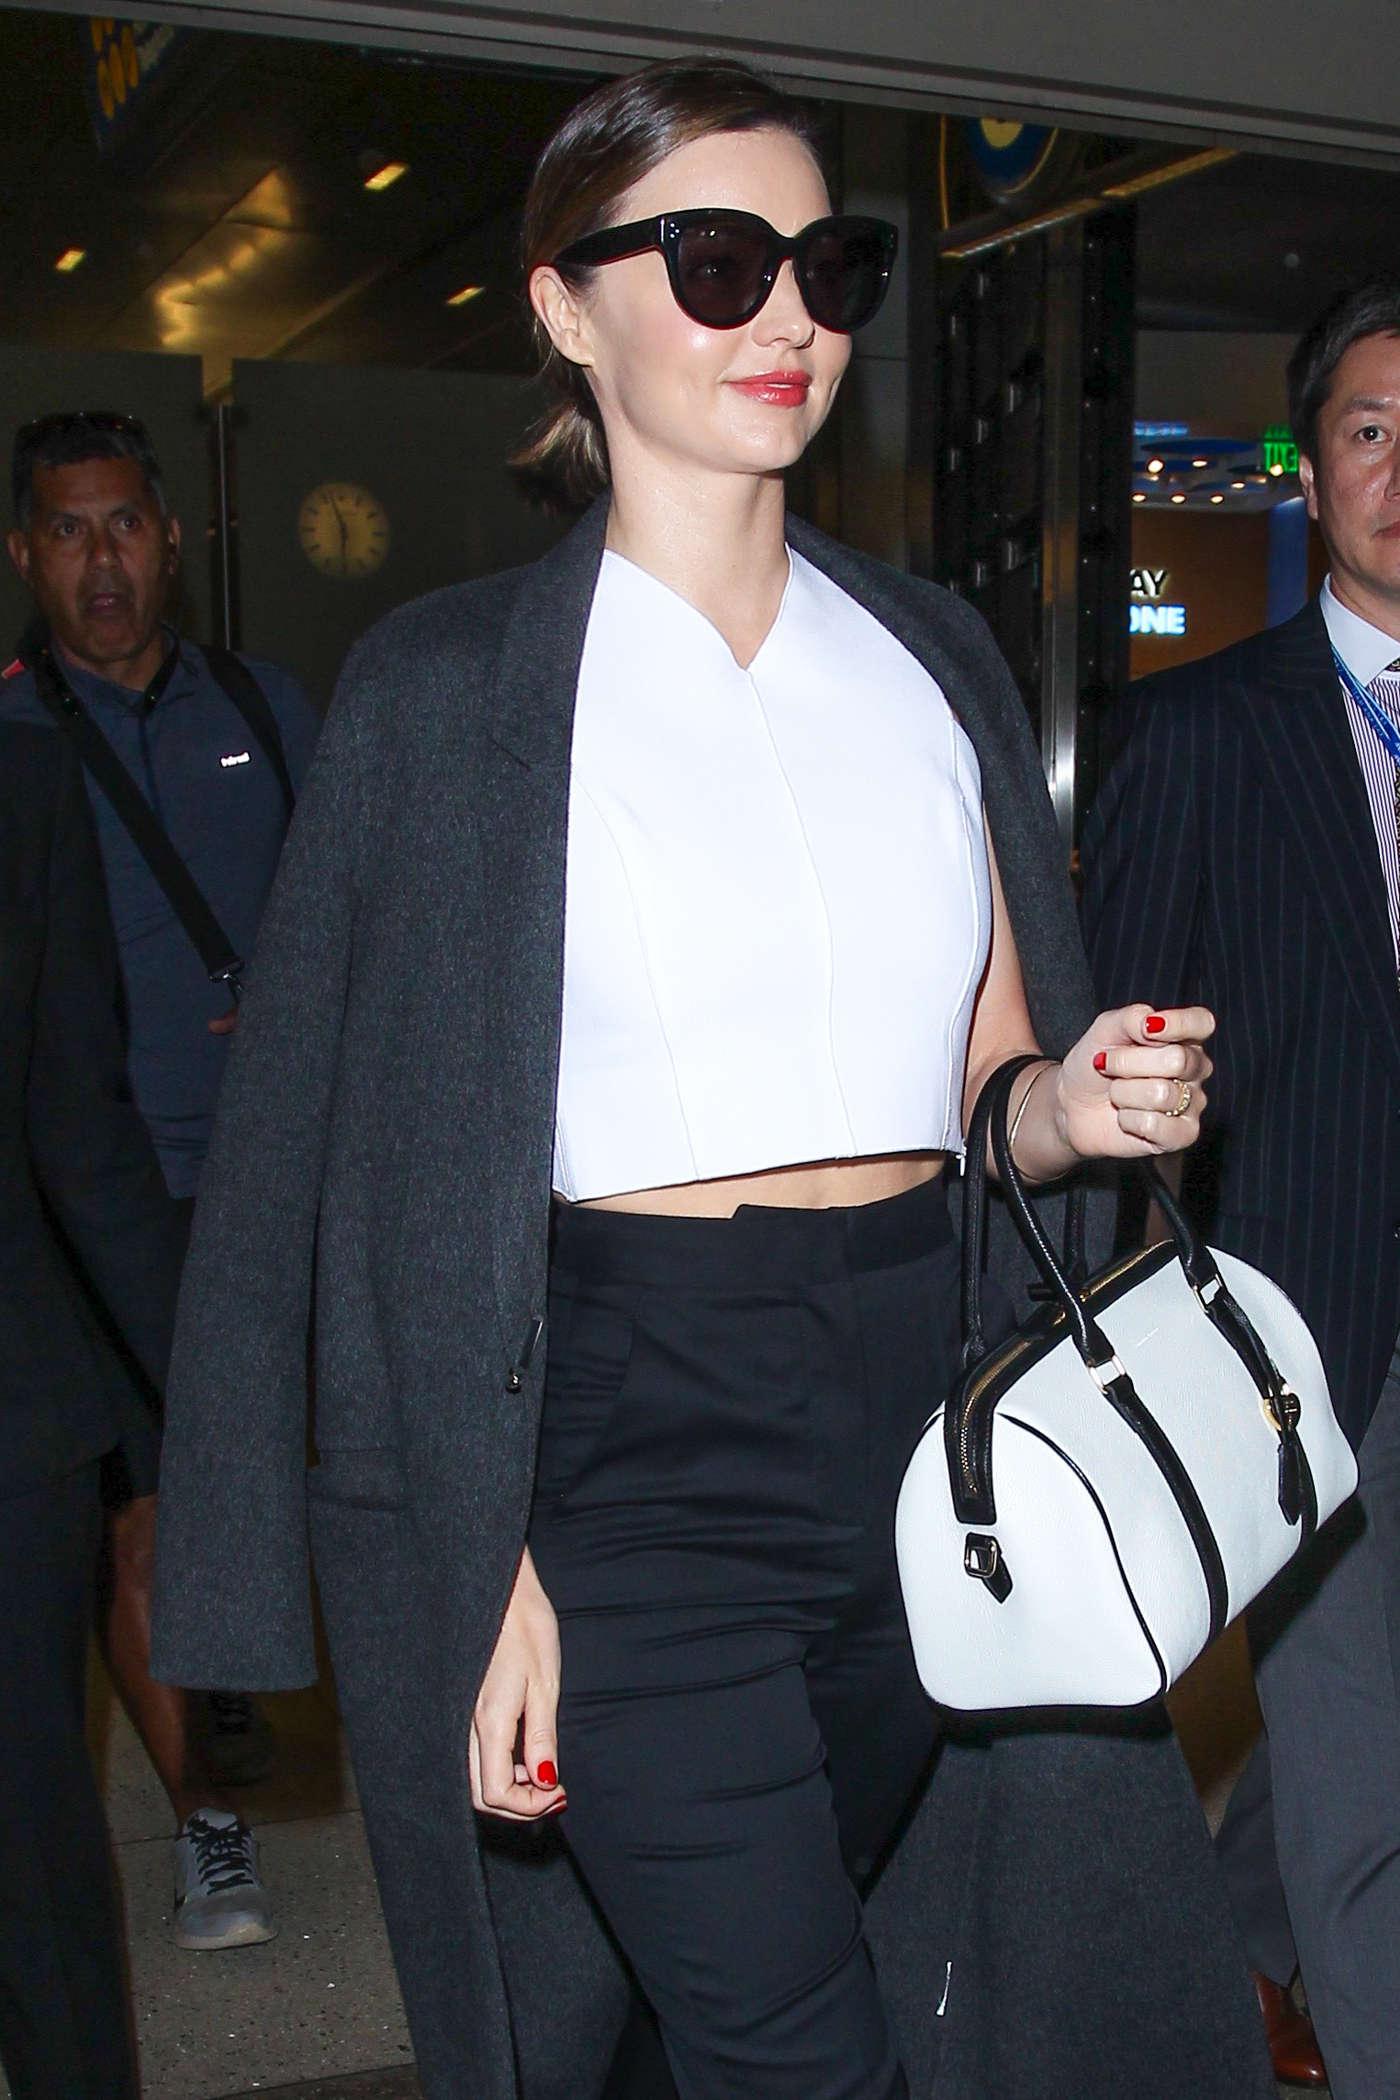 Miranda Kerr 2016 : Miranda Kerr at LAX Airport in LA -04